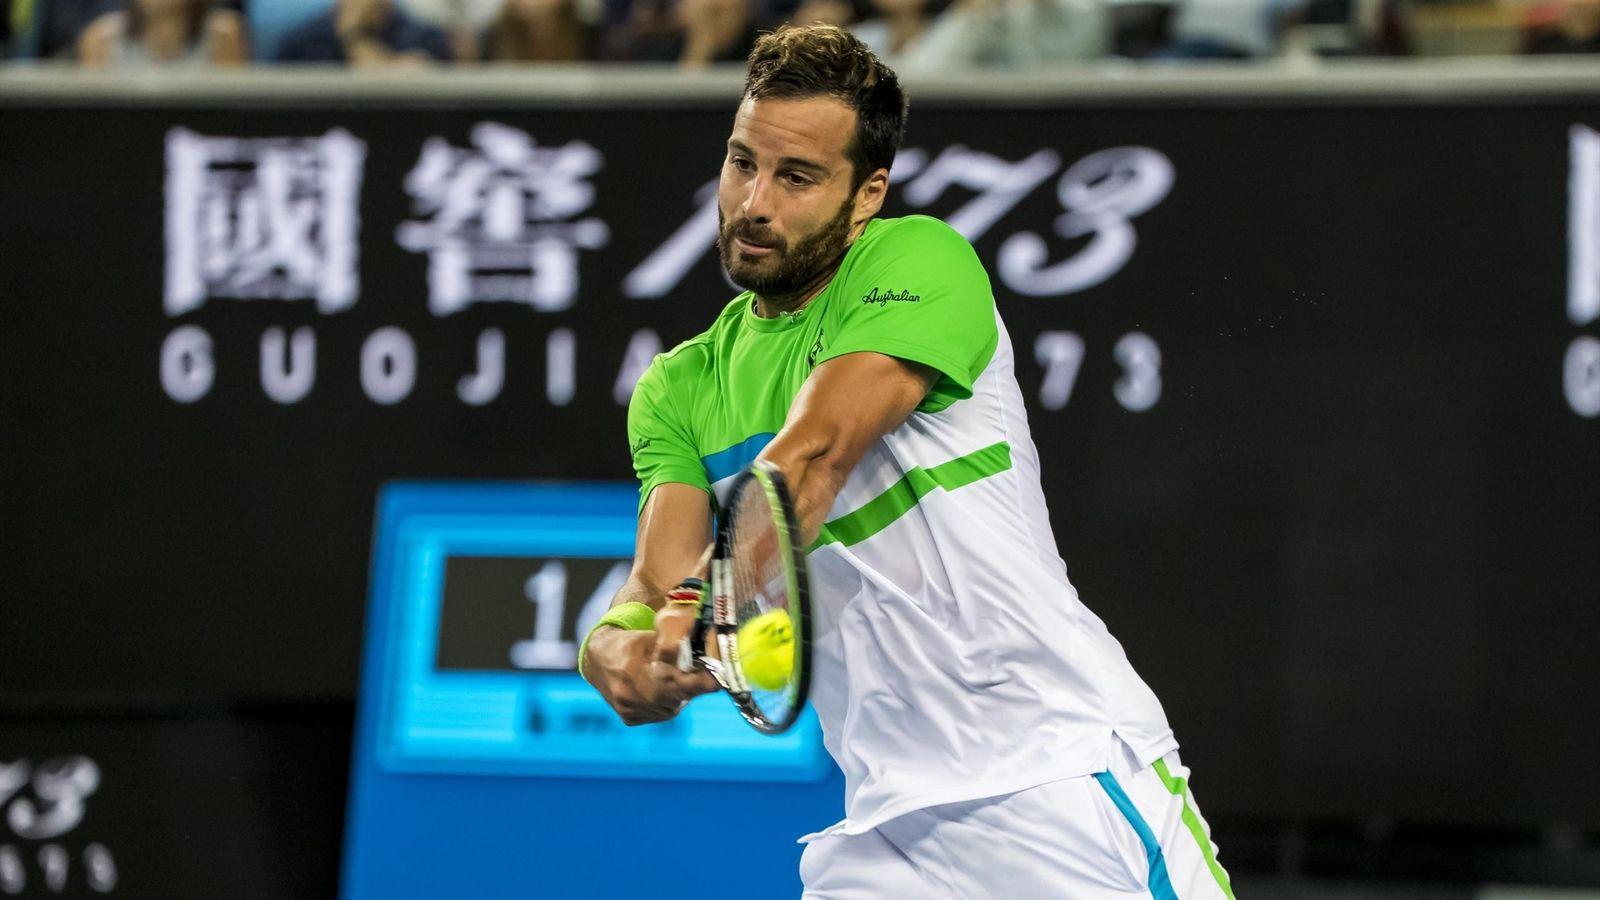 Salvatore Caruso - Andrey Rublev - US Open | Terzo turno | Commento  italiano - Eurosport